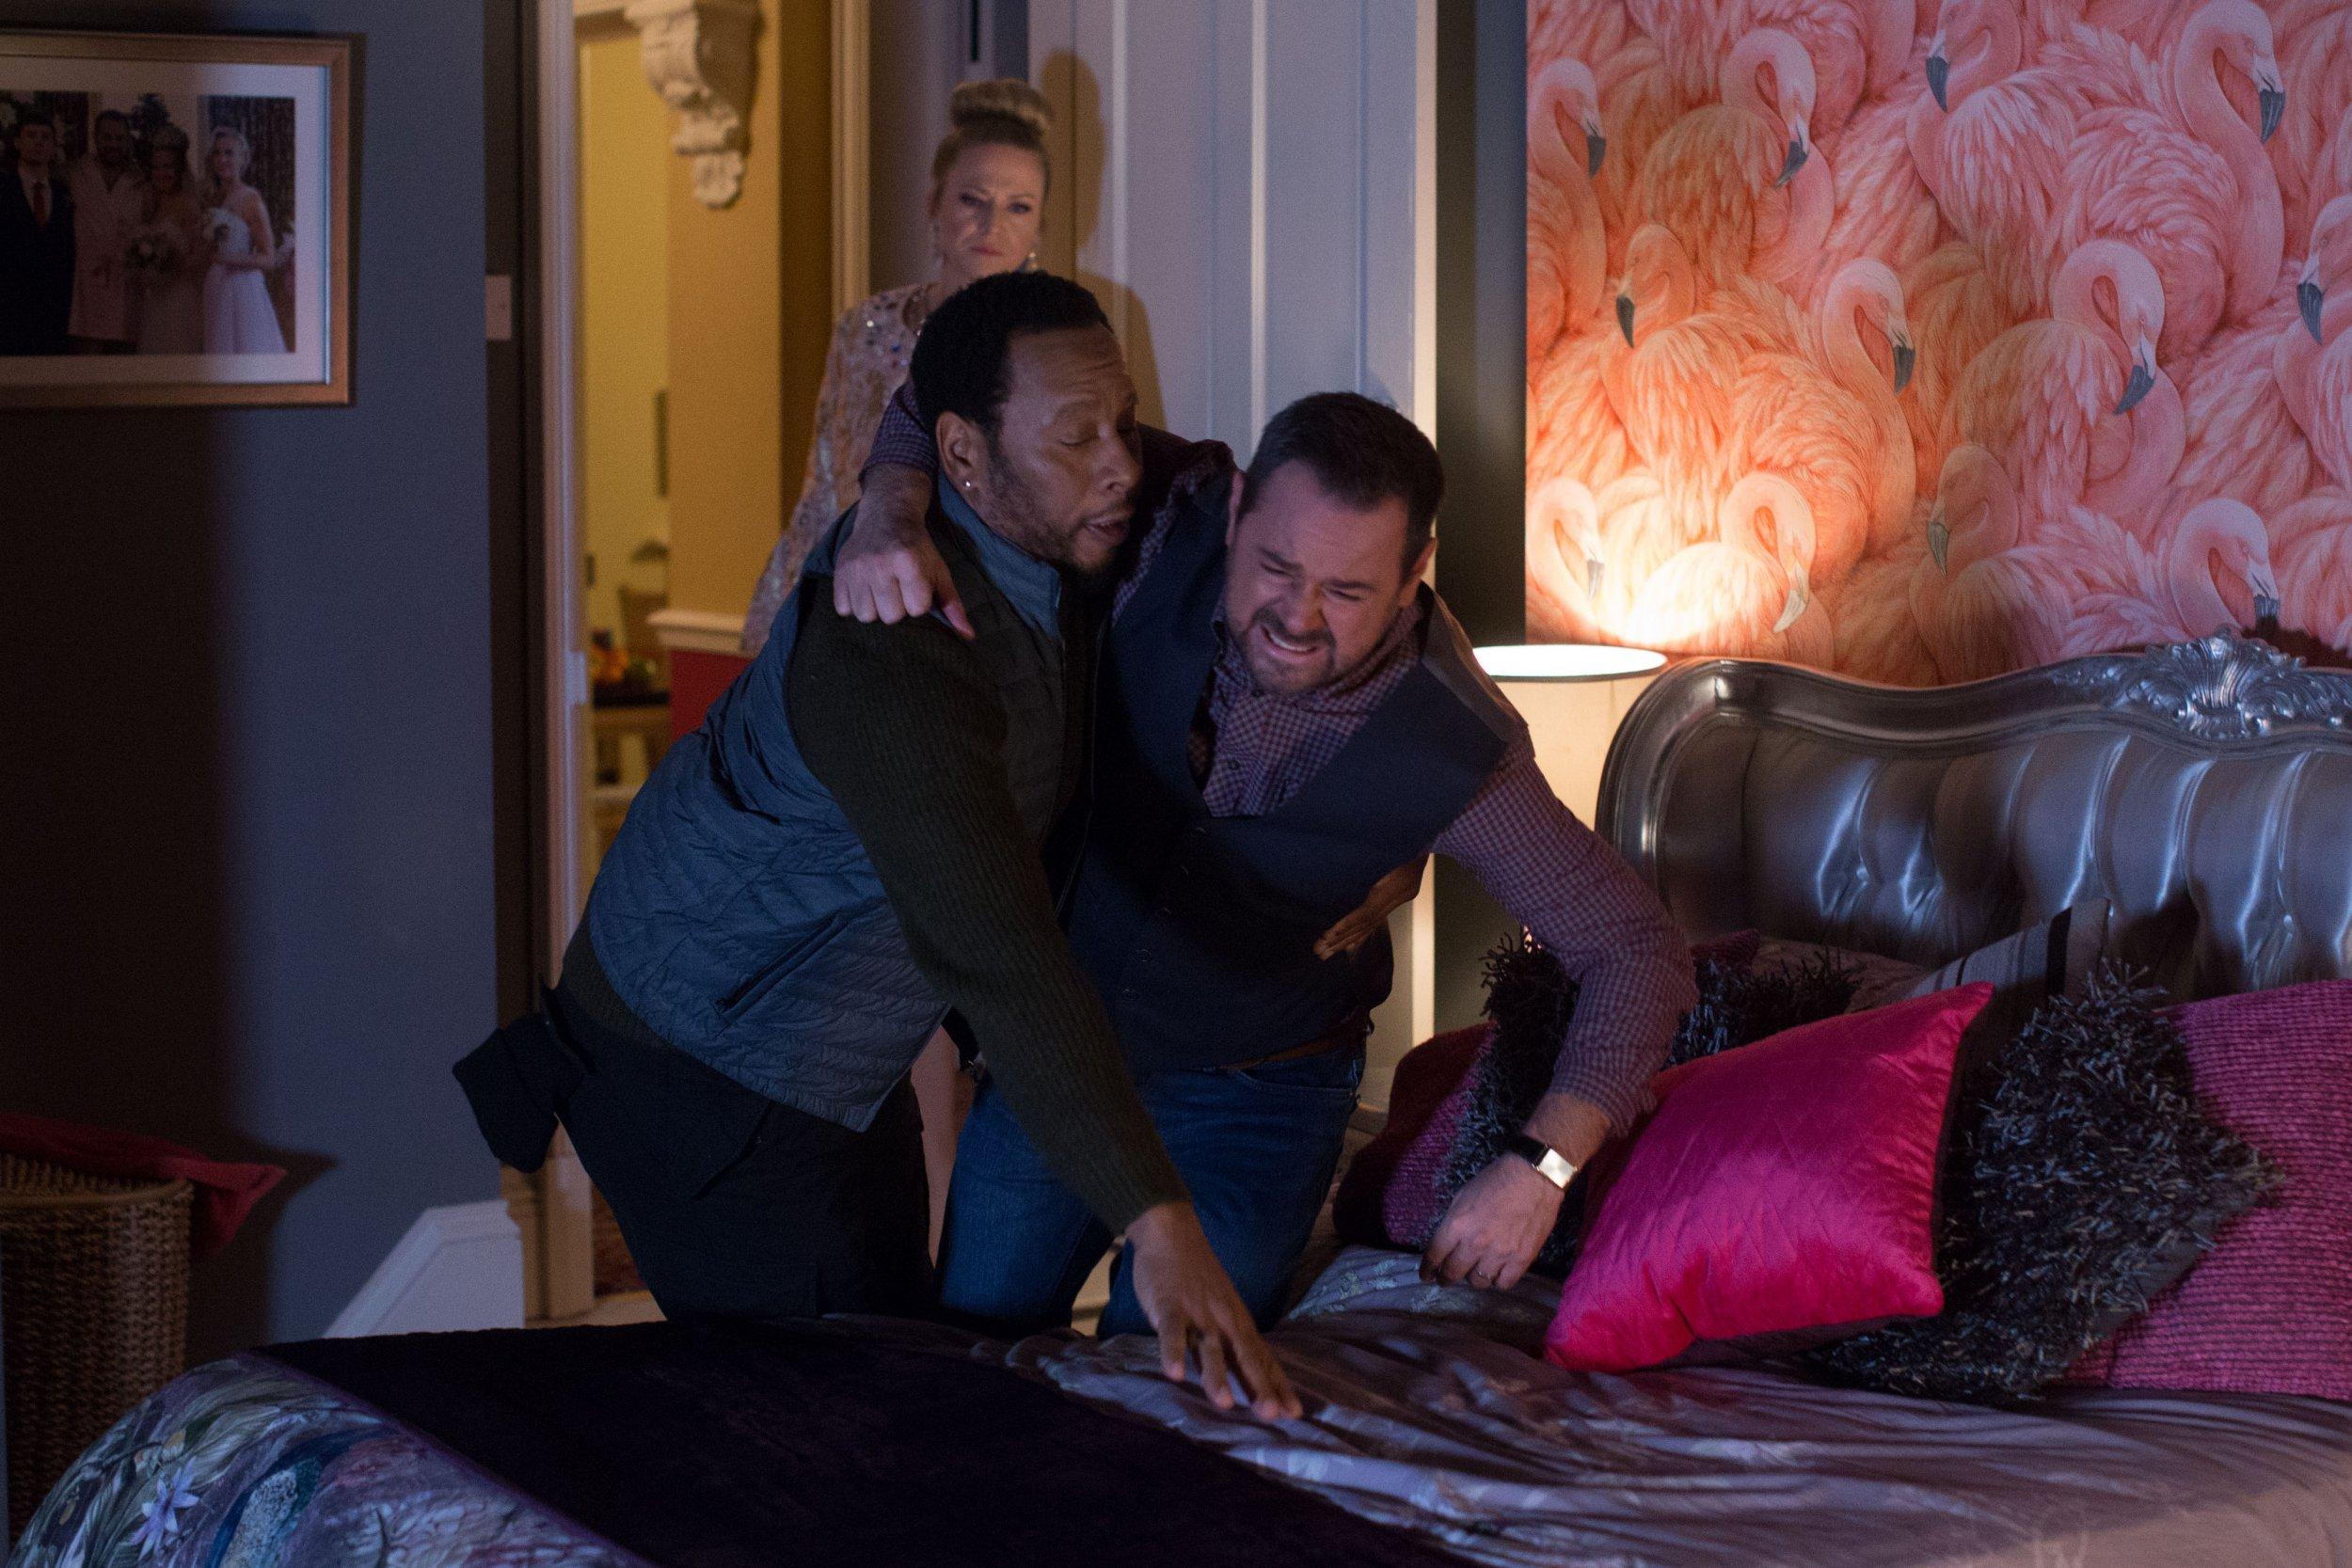 EastEnders spoilers: Linda Carter's dismay as Mick is injured